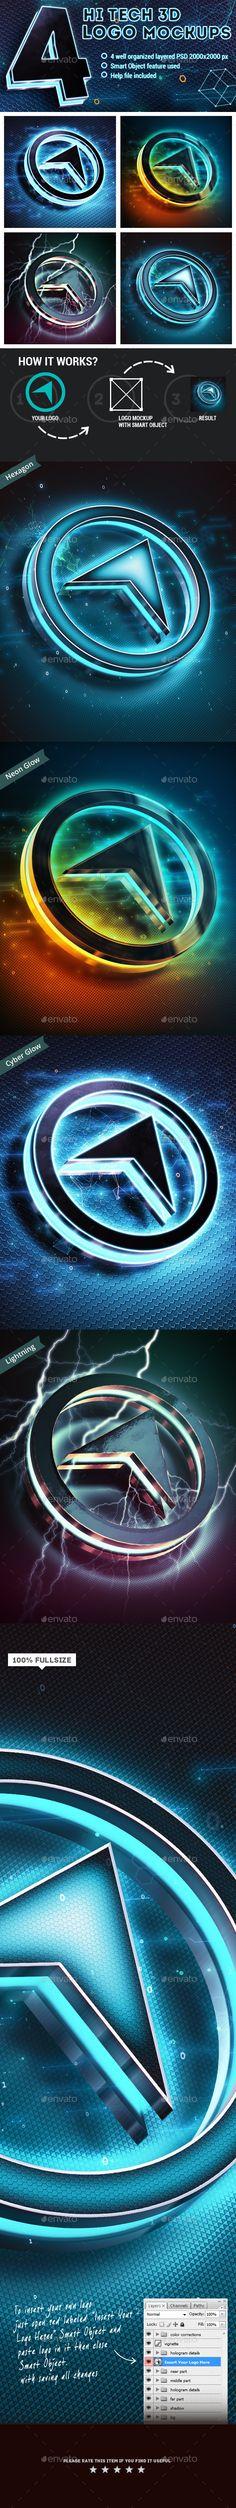 4 Hi-Tech 3D Logo Mockups #design Download: http://graphicriver.net/item/4-hitech-3d-logo-mockups/11969430?ref=ksioks